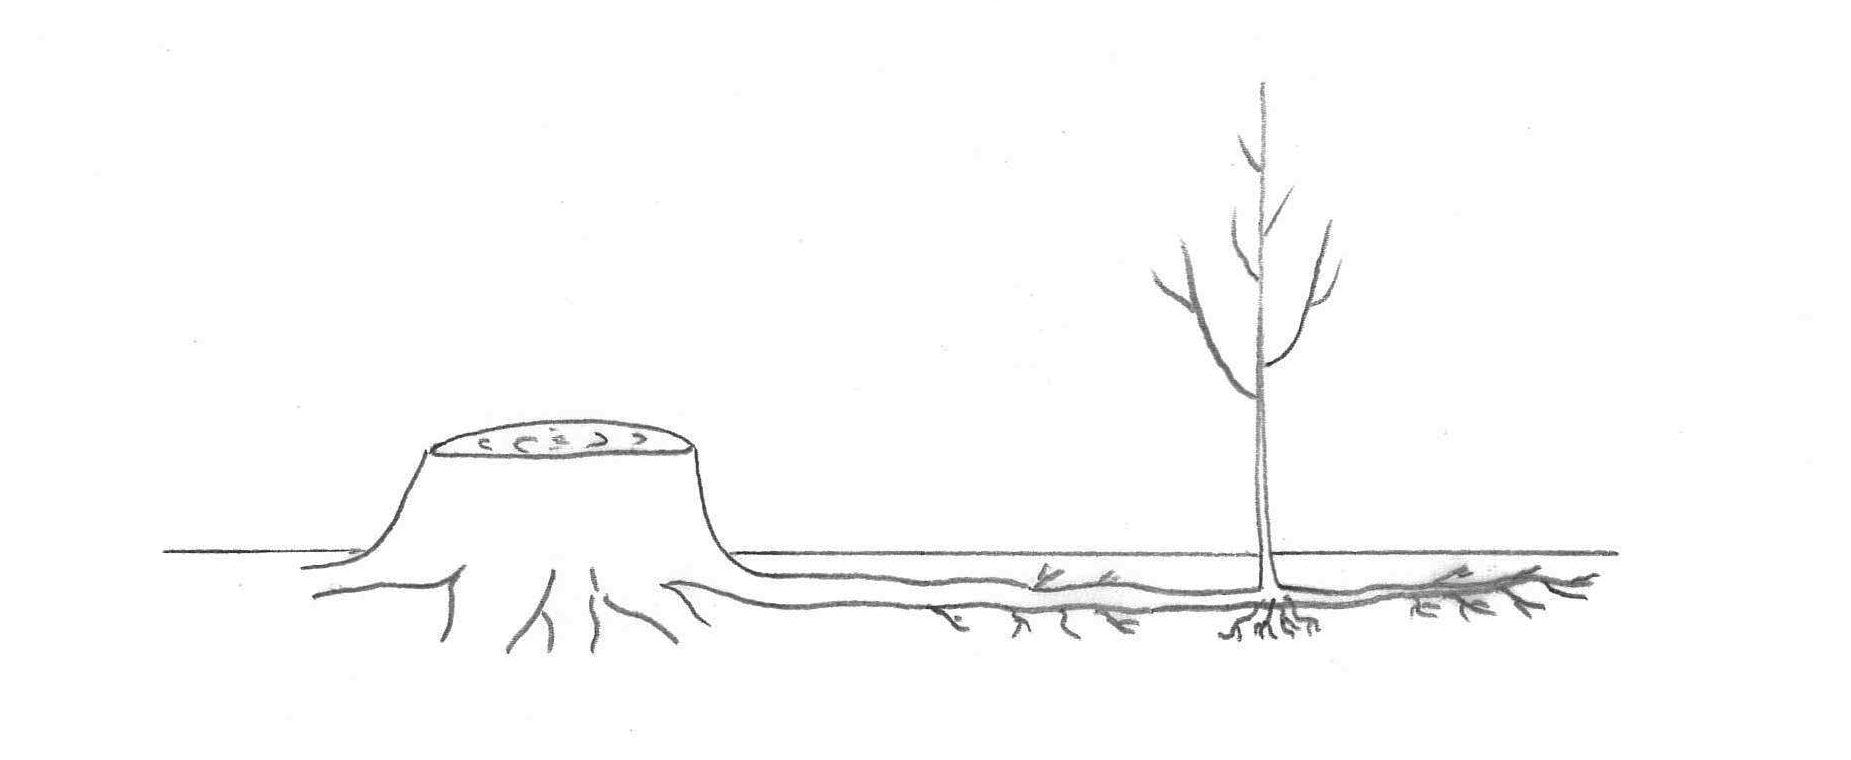 On procédera à un recépage afin de stimuler le développement du système racine de l'arbre ainsi que l'apparition de drageons (le petit arbuste sur la droite) pour maintenir un sol.